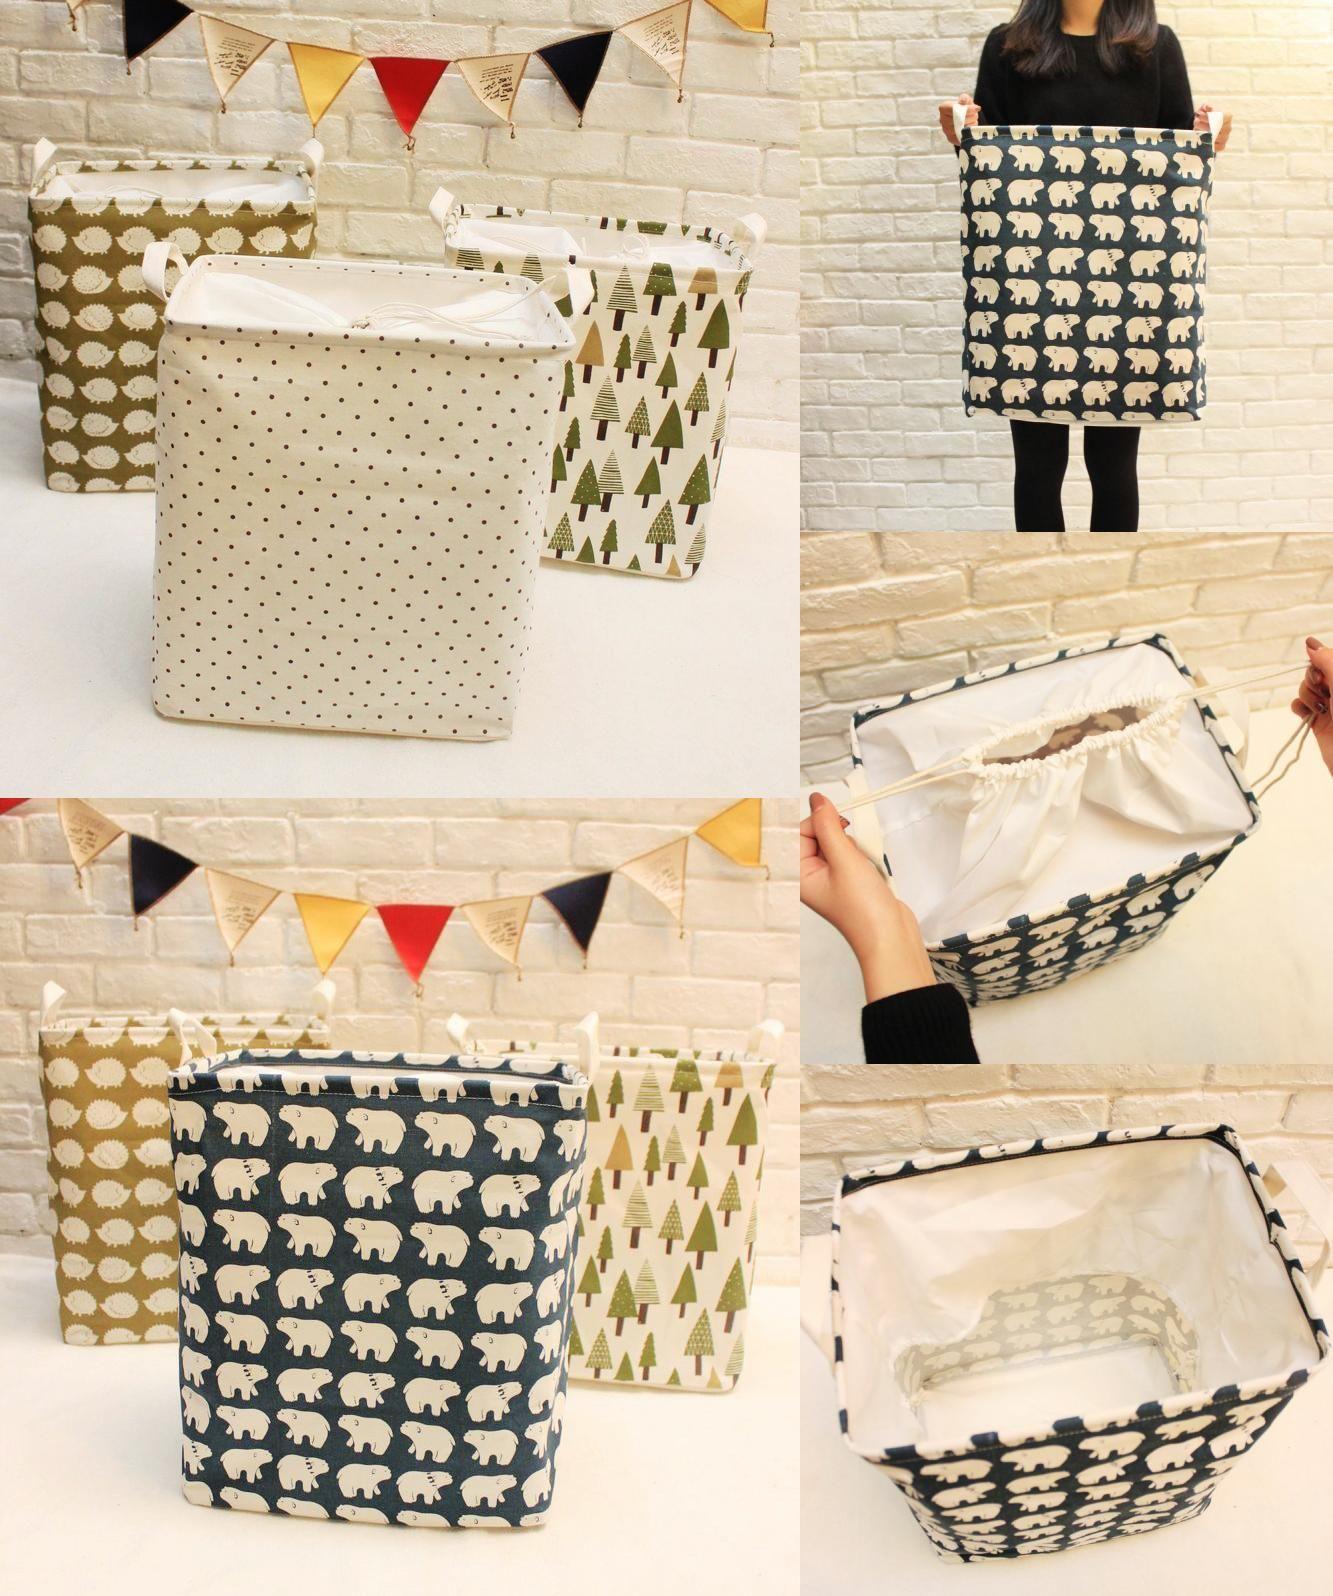 Storage Boxes [Visit To Buy] 2016 Fashion 35*25*40Cm Unique Cotton